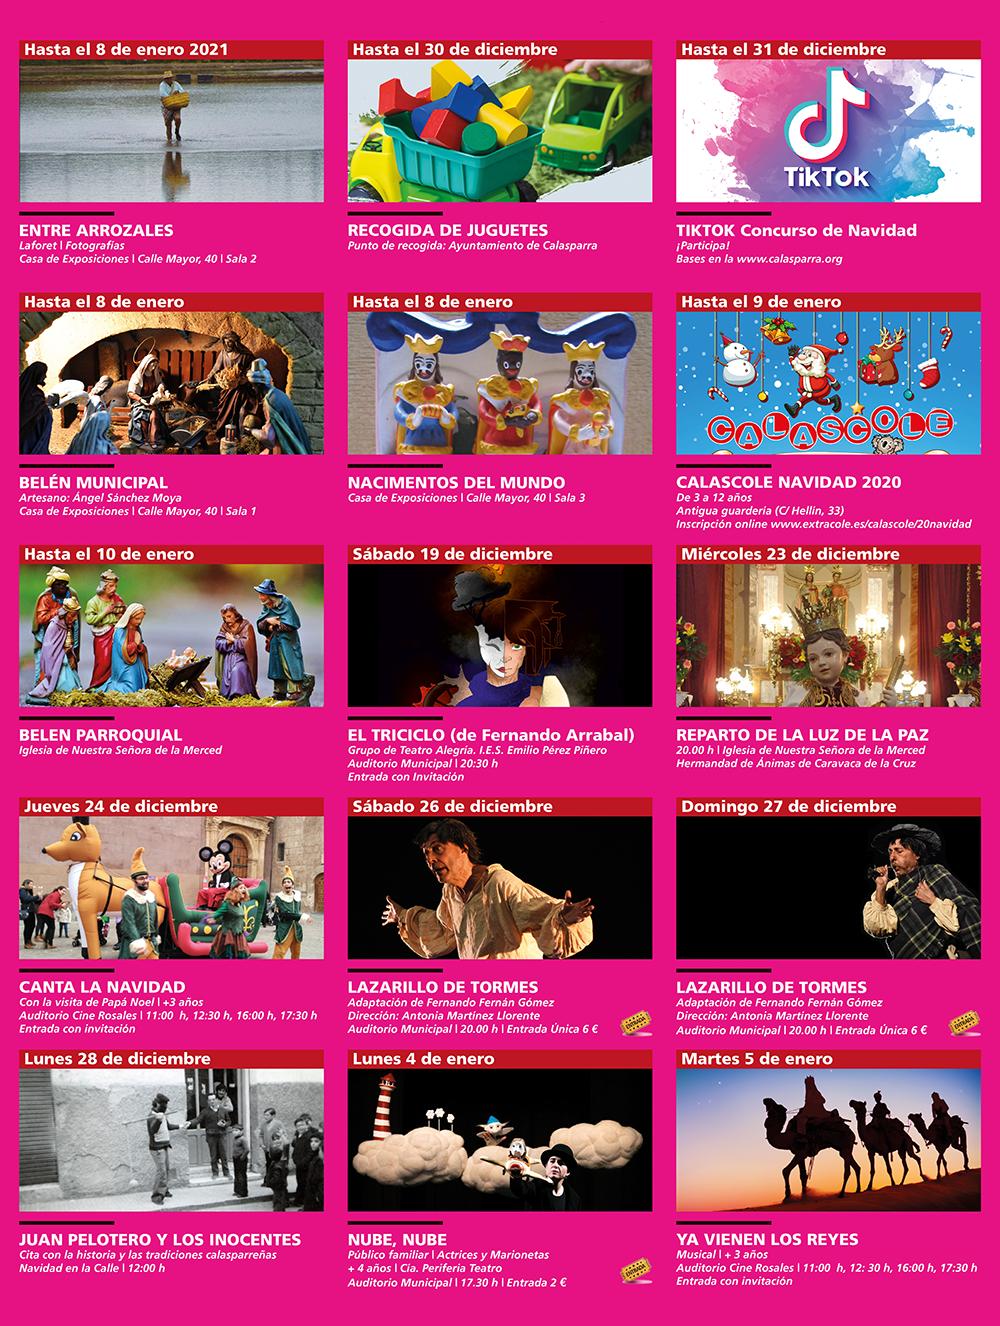 Actualidad cultural Navideña de Calasparra · Eventos organizados por la Concejalía de Cultura del Ayuntamiento de Calasparra